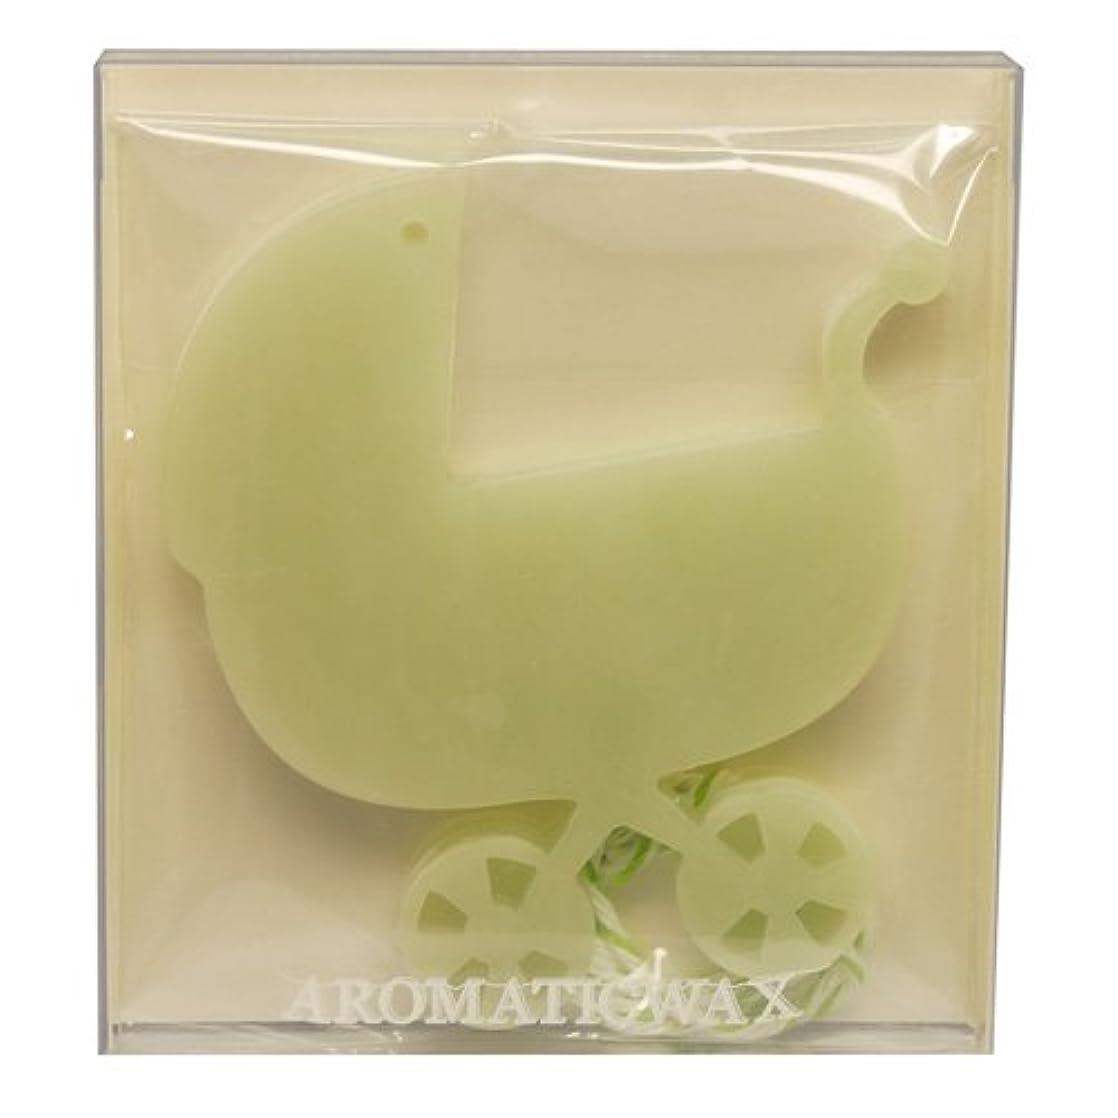 アンペア遠足けん引GRASSE TOKYO AROMATICWAXチャーム「乳母車」(GR) レモングラス アロマティックワックス グラーストウキョウ